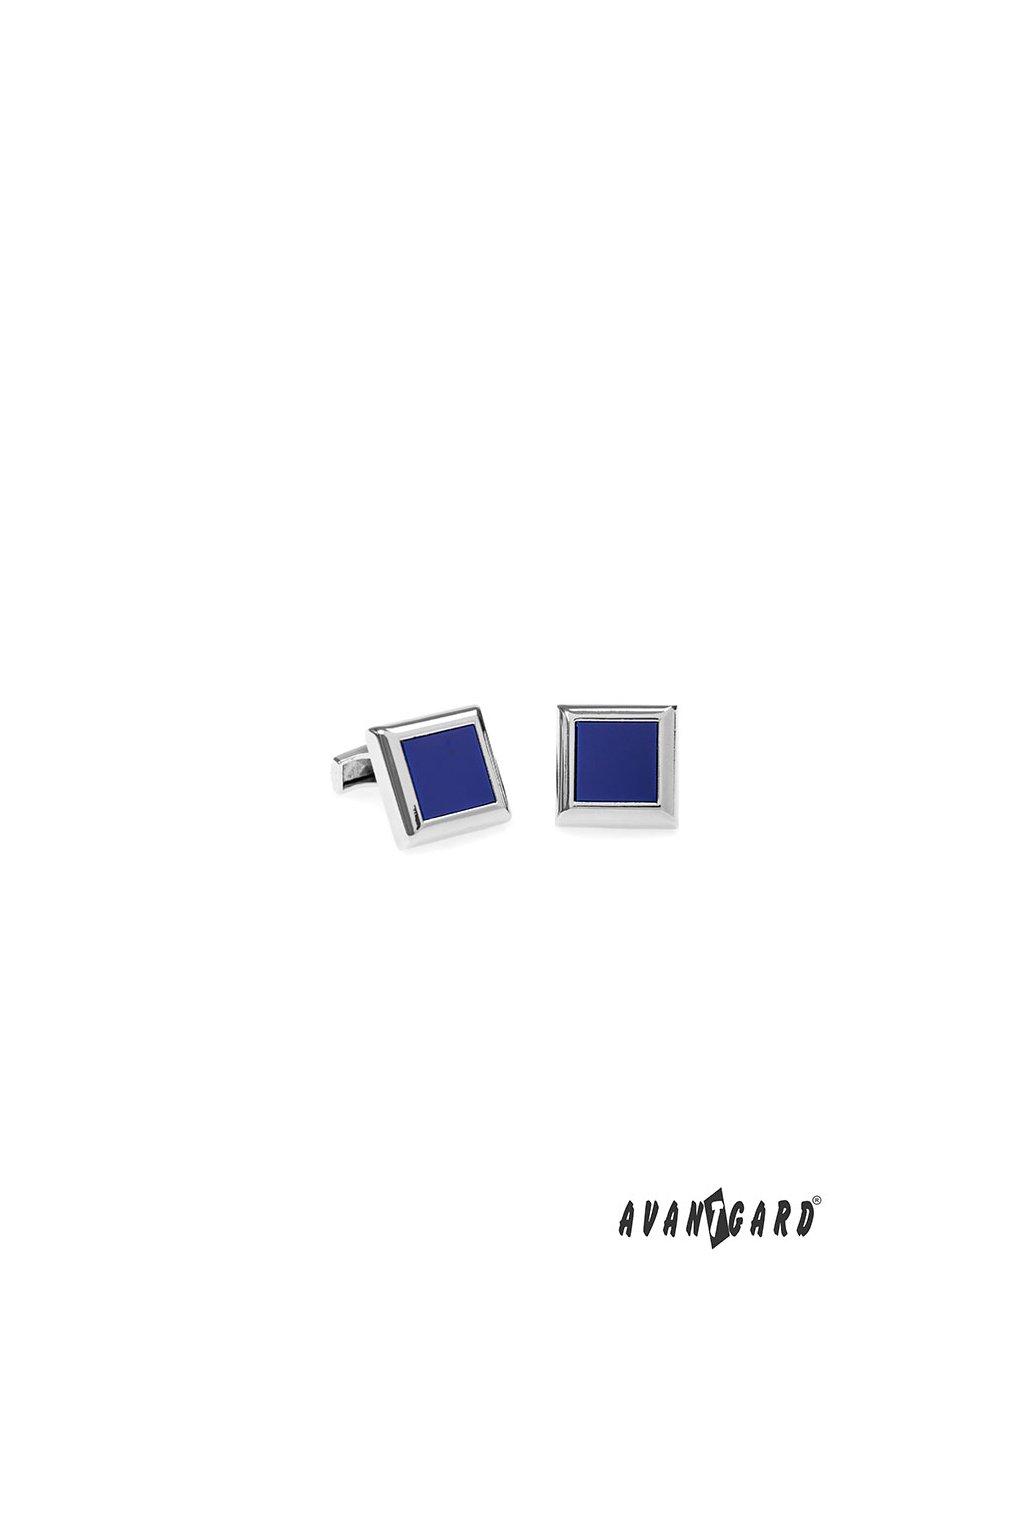 Manžetové knoflíčky PREMIUM, 573-20678, Stříbrná lesk/fialová